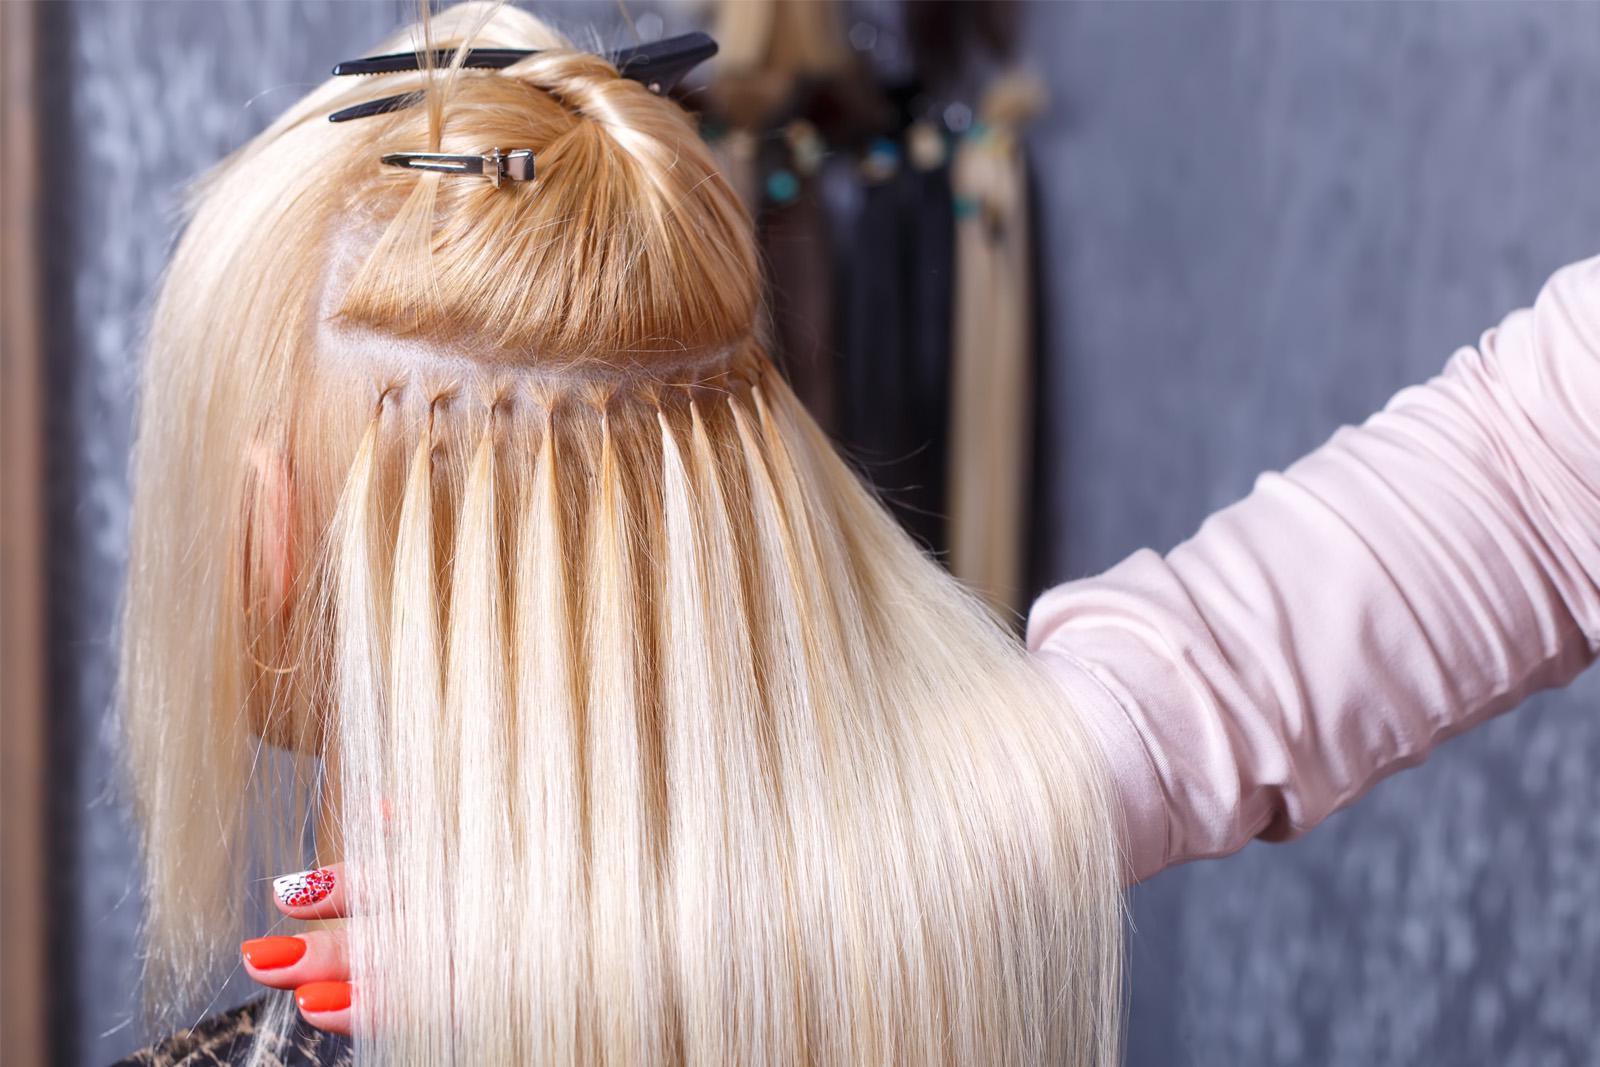 Haarverlangerung darmstadt dieburg